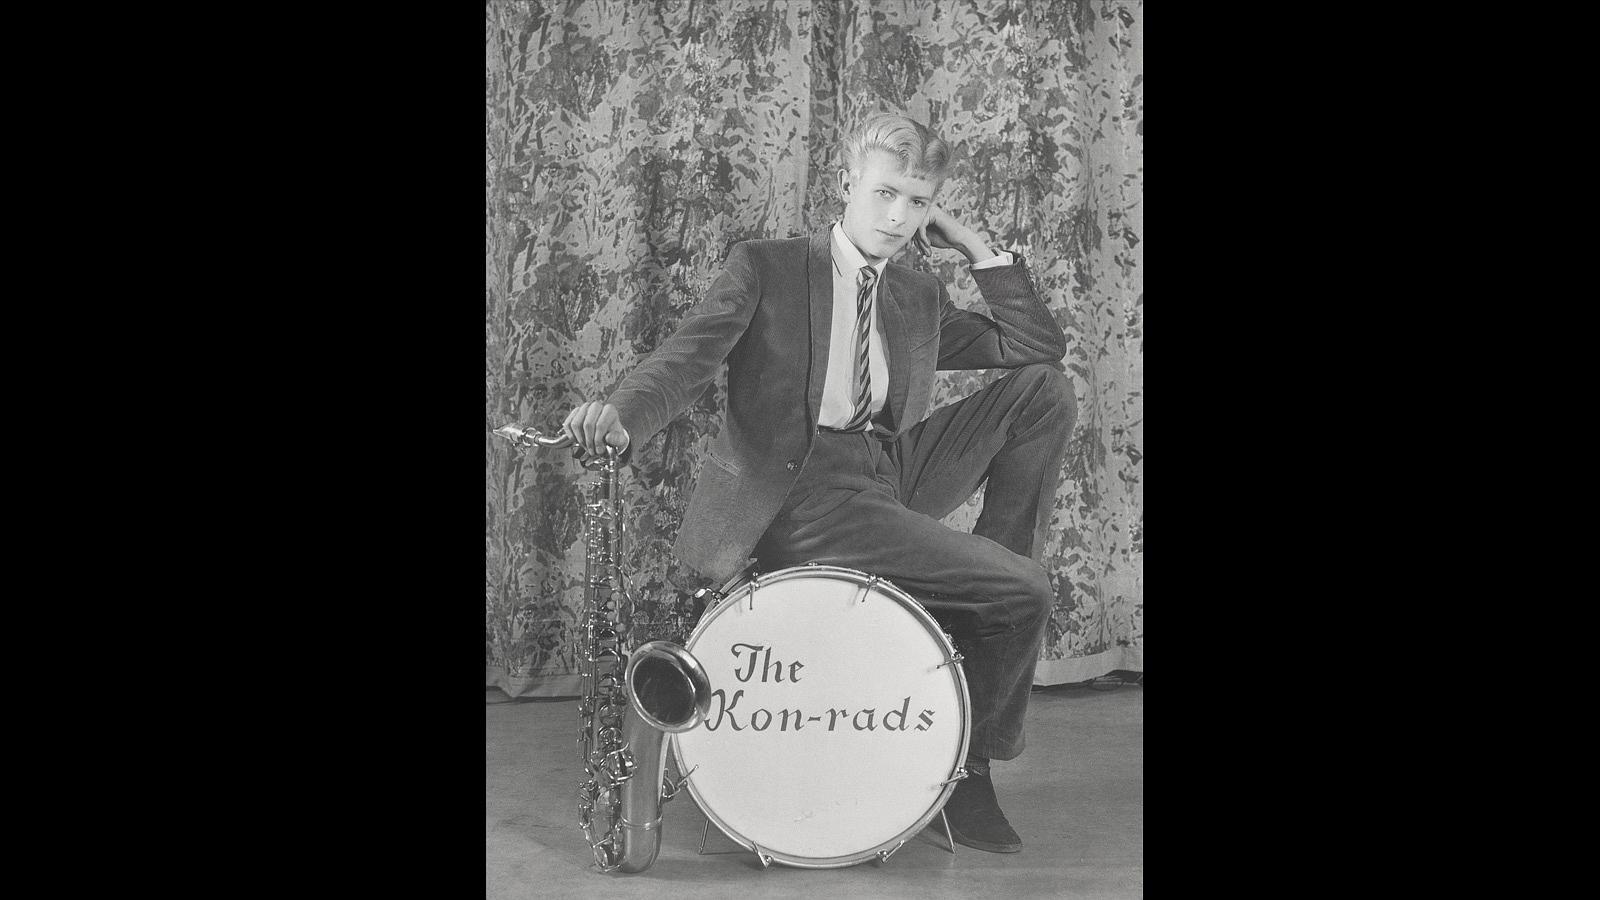 En sus primeros años, entre 1962 y 1968, cuando fundó «The Kon-rads» a los quince años